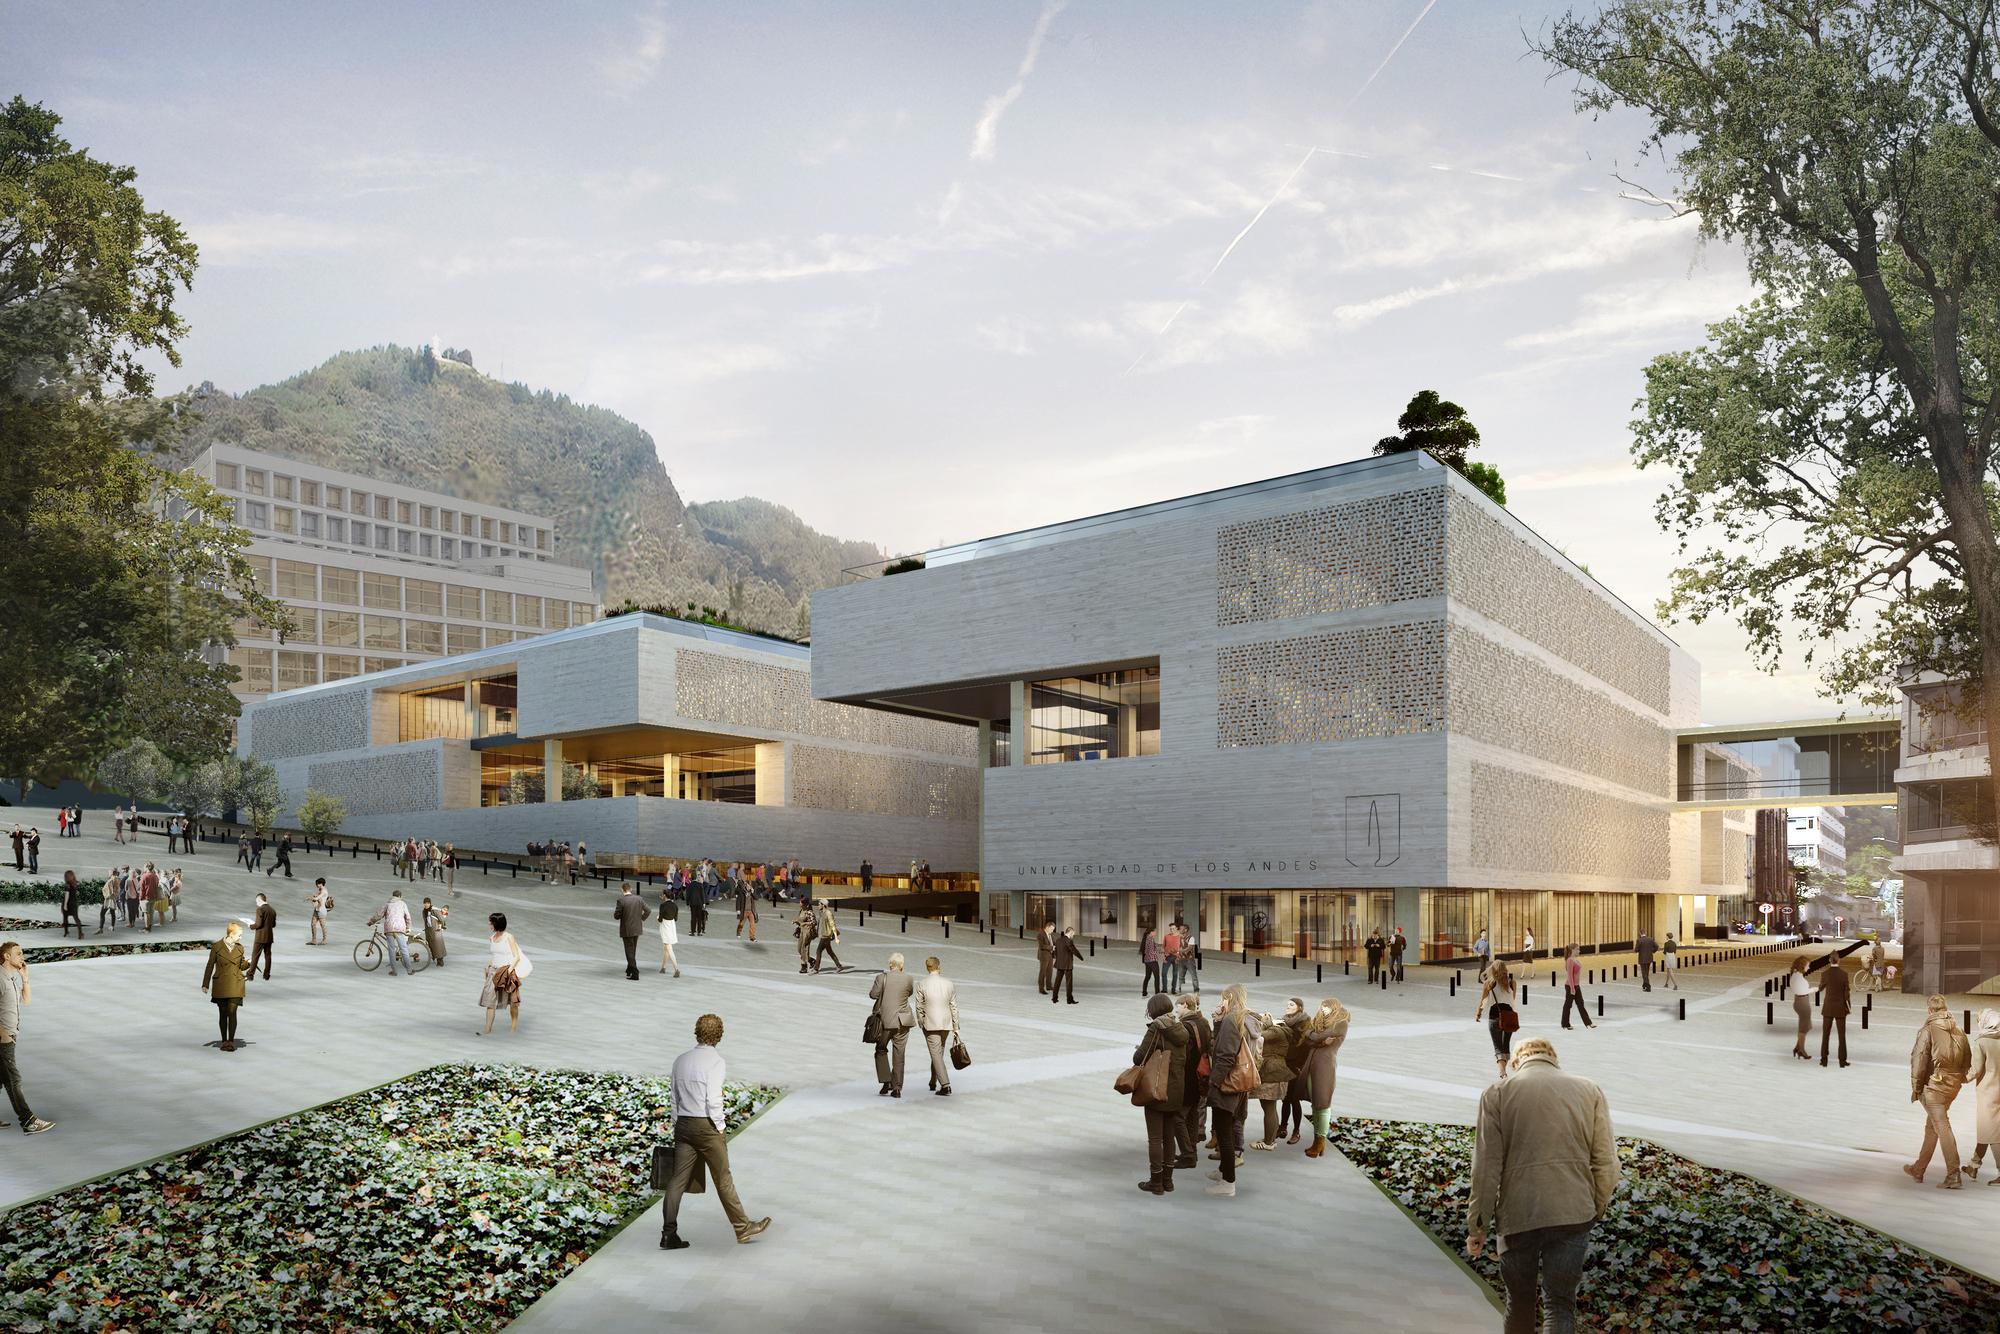 Conoce el futuro centro c vico universitario dise ado por for Universidades para arquitectura